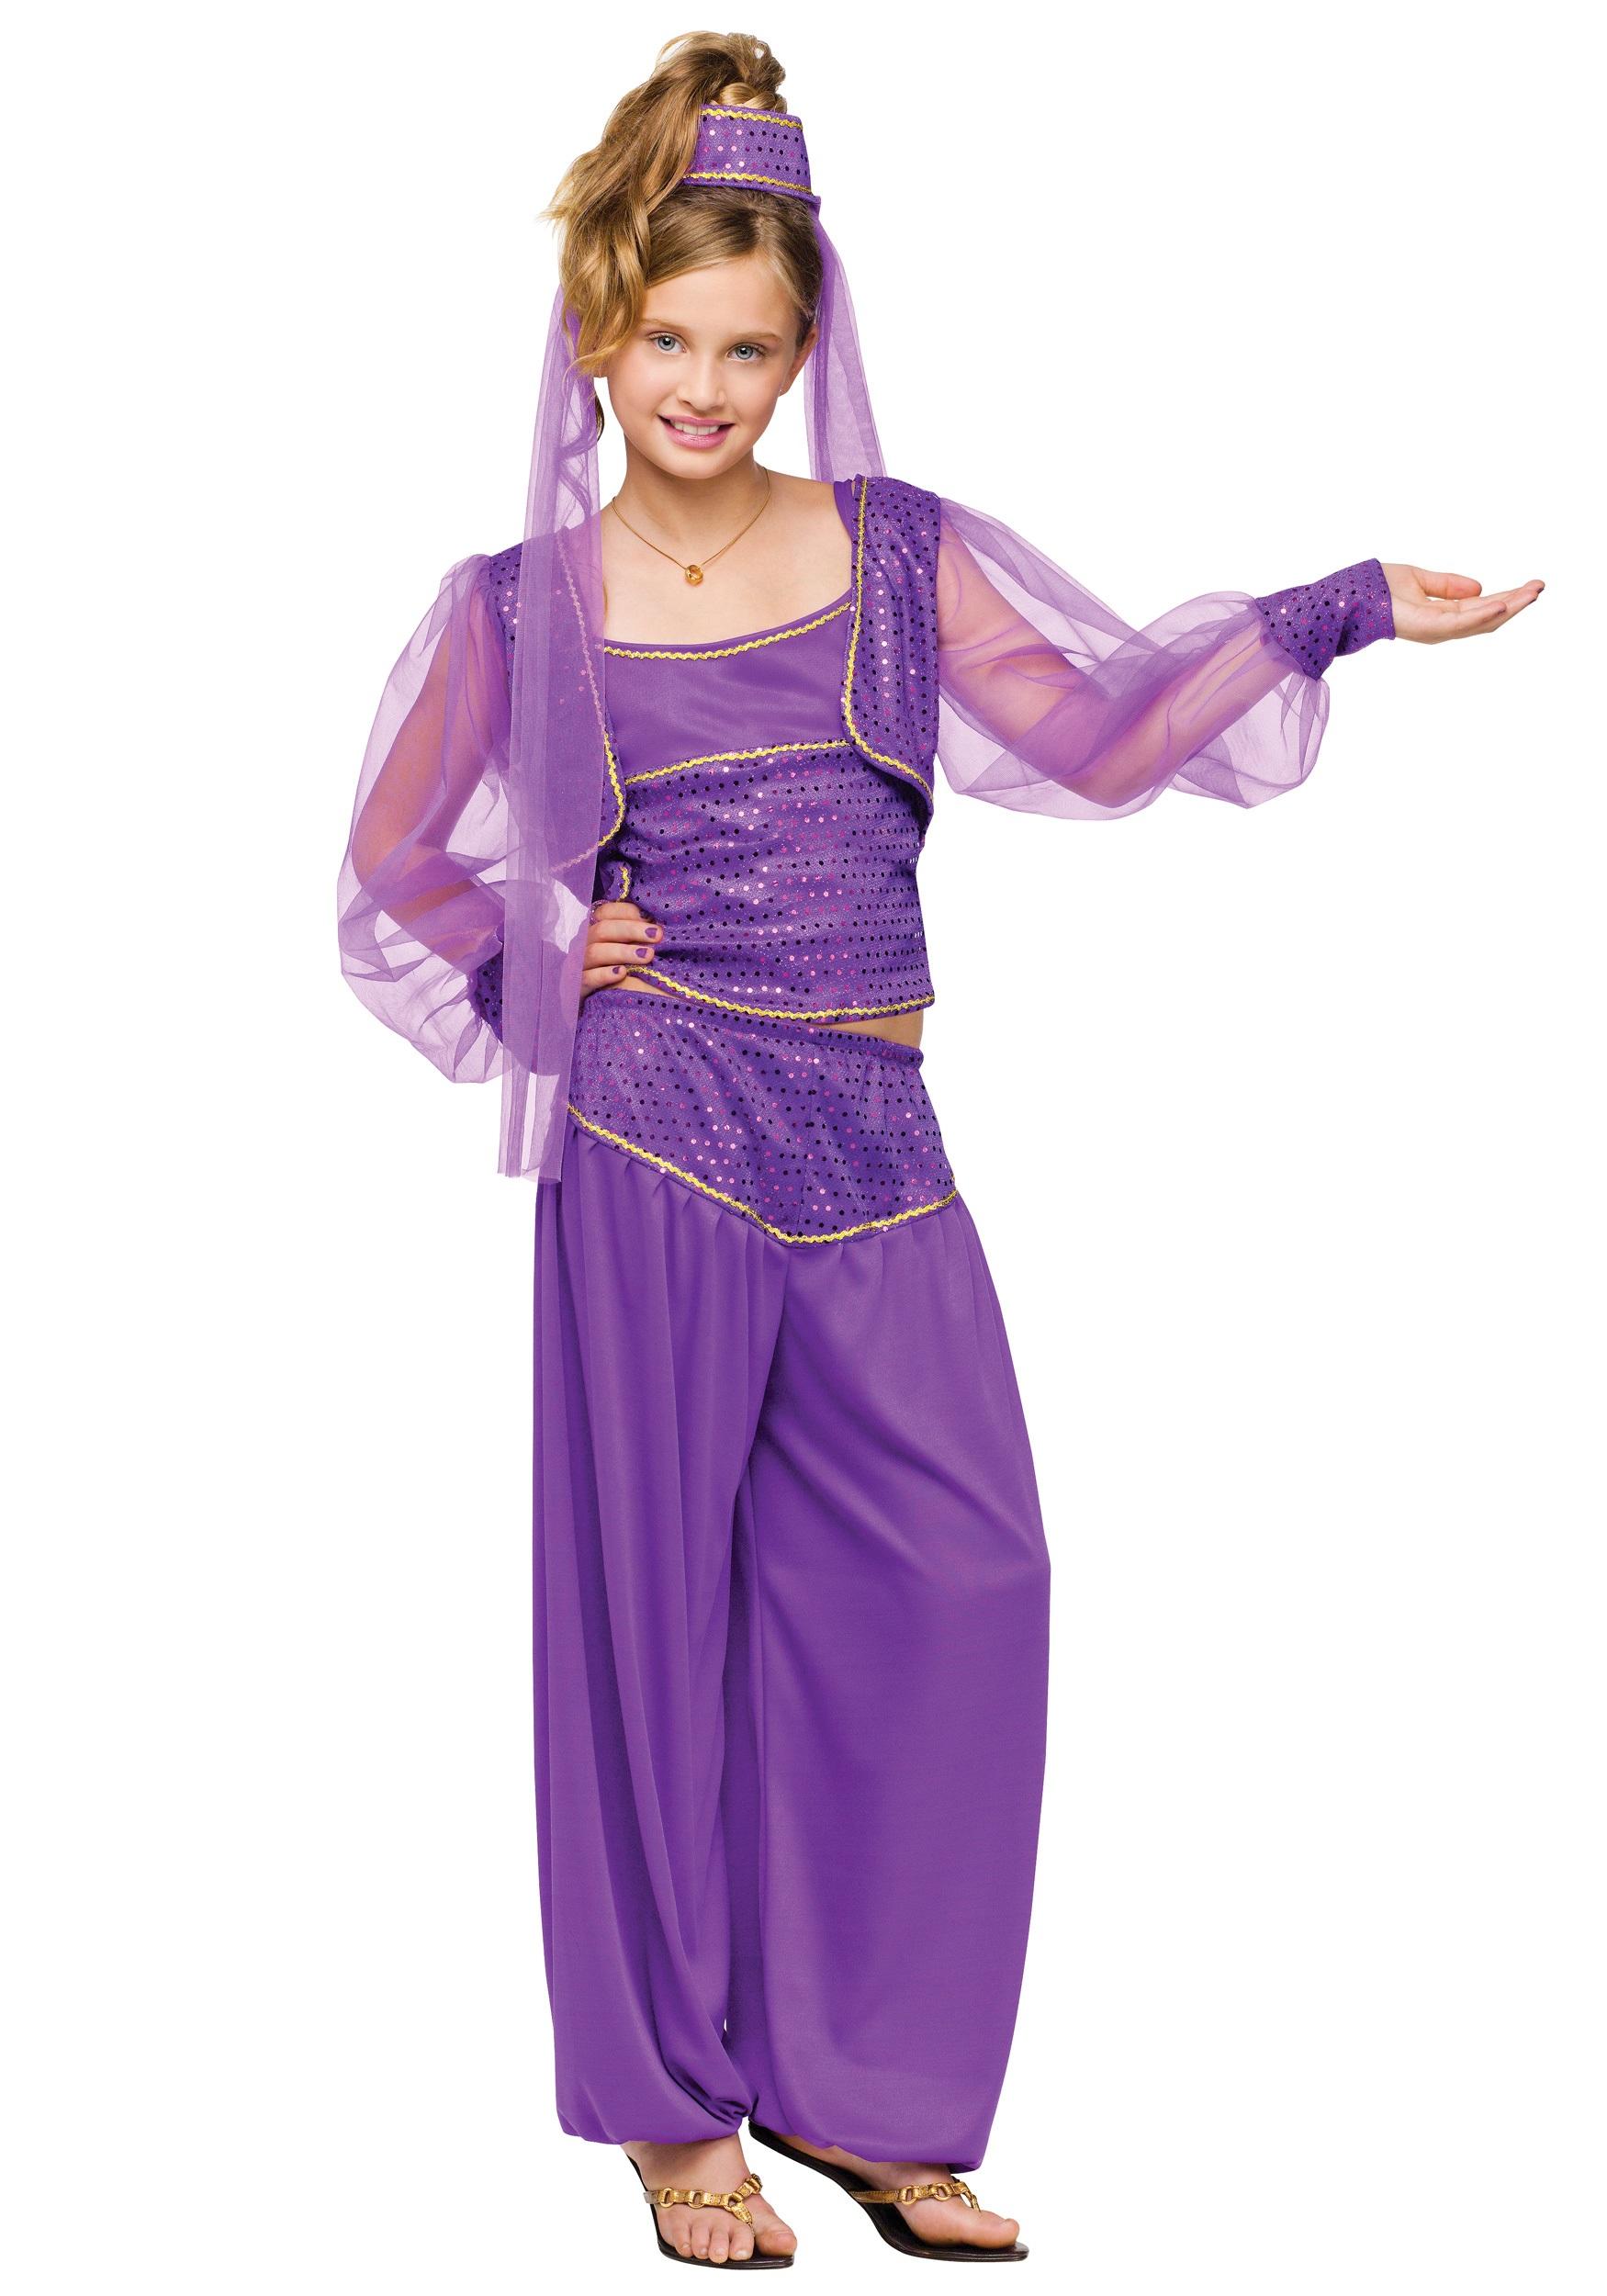 costume genie halloween teen